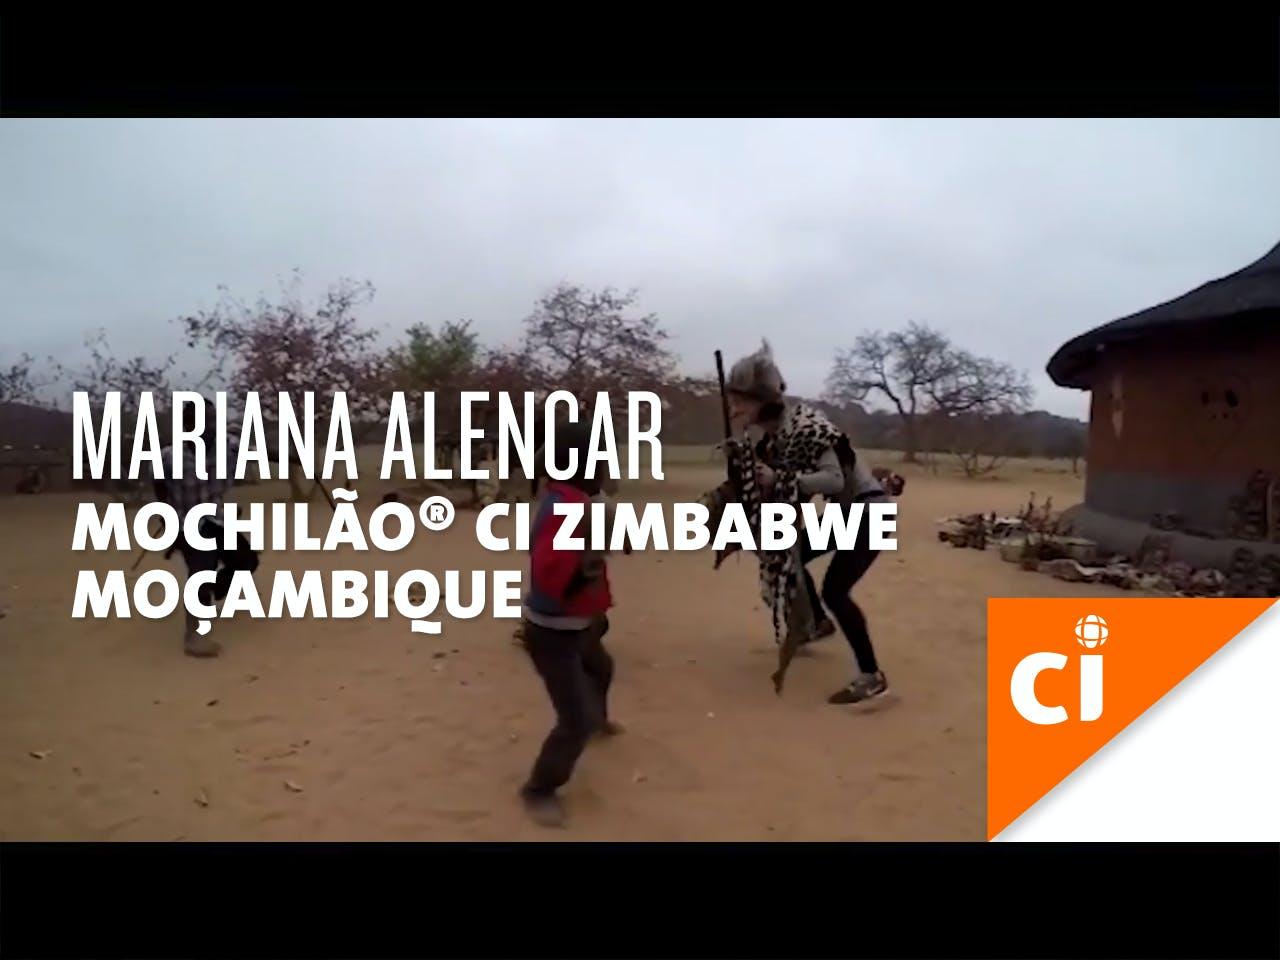 #ViajanteCI | Mariana Alencar